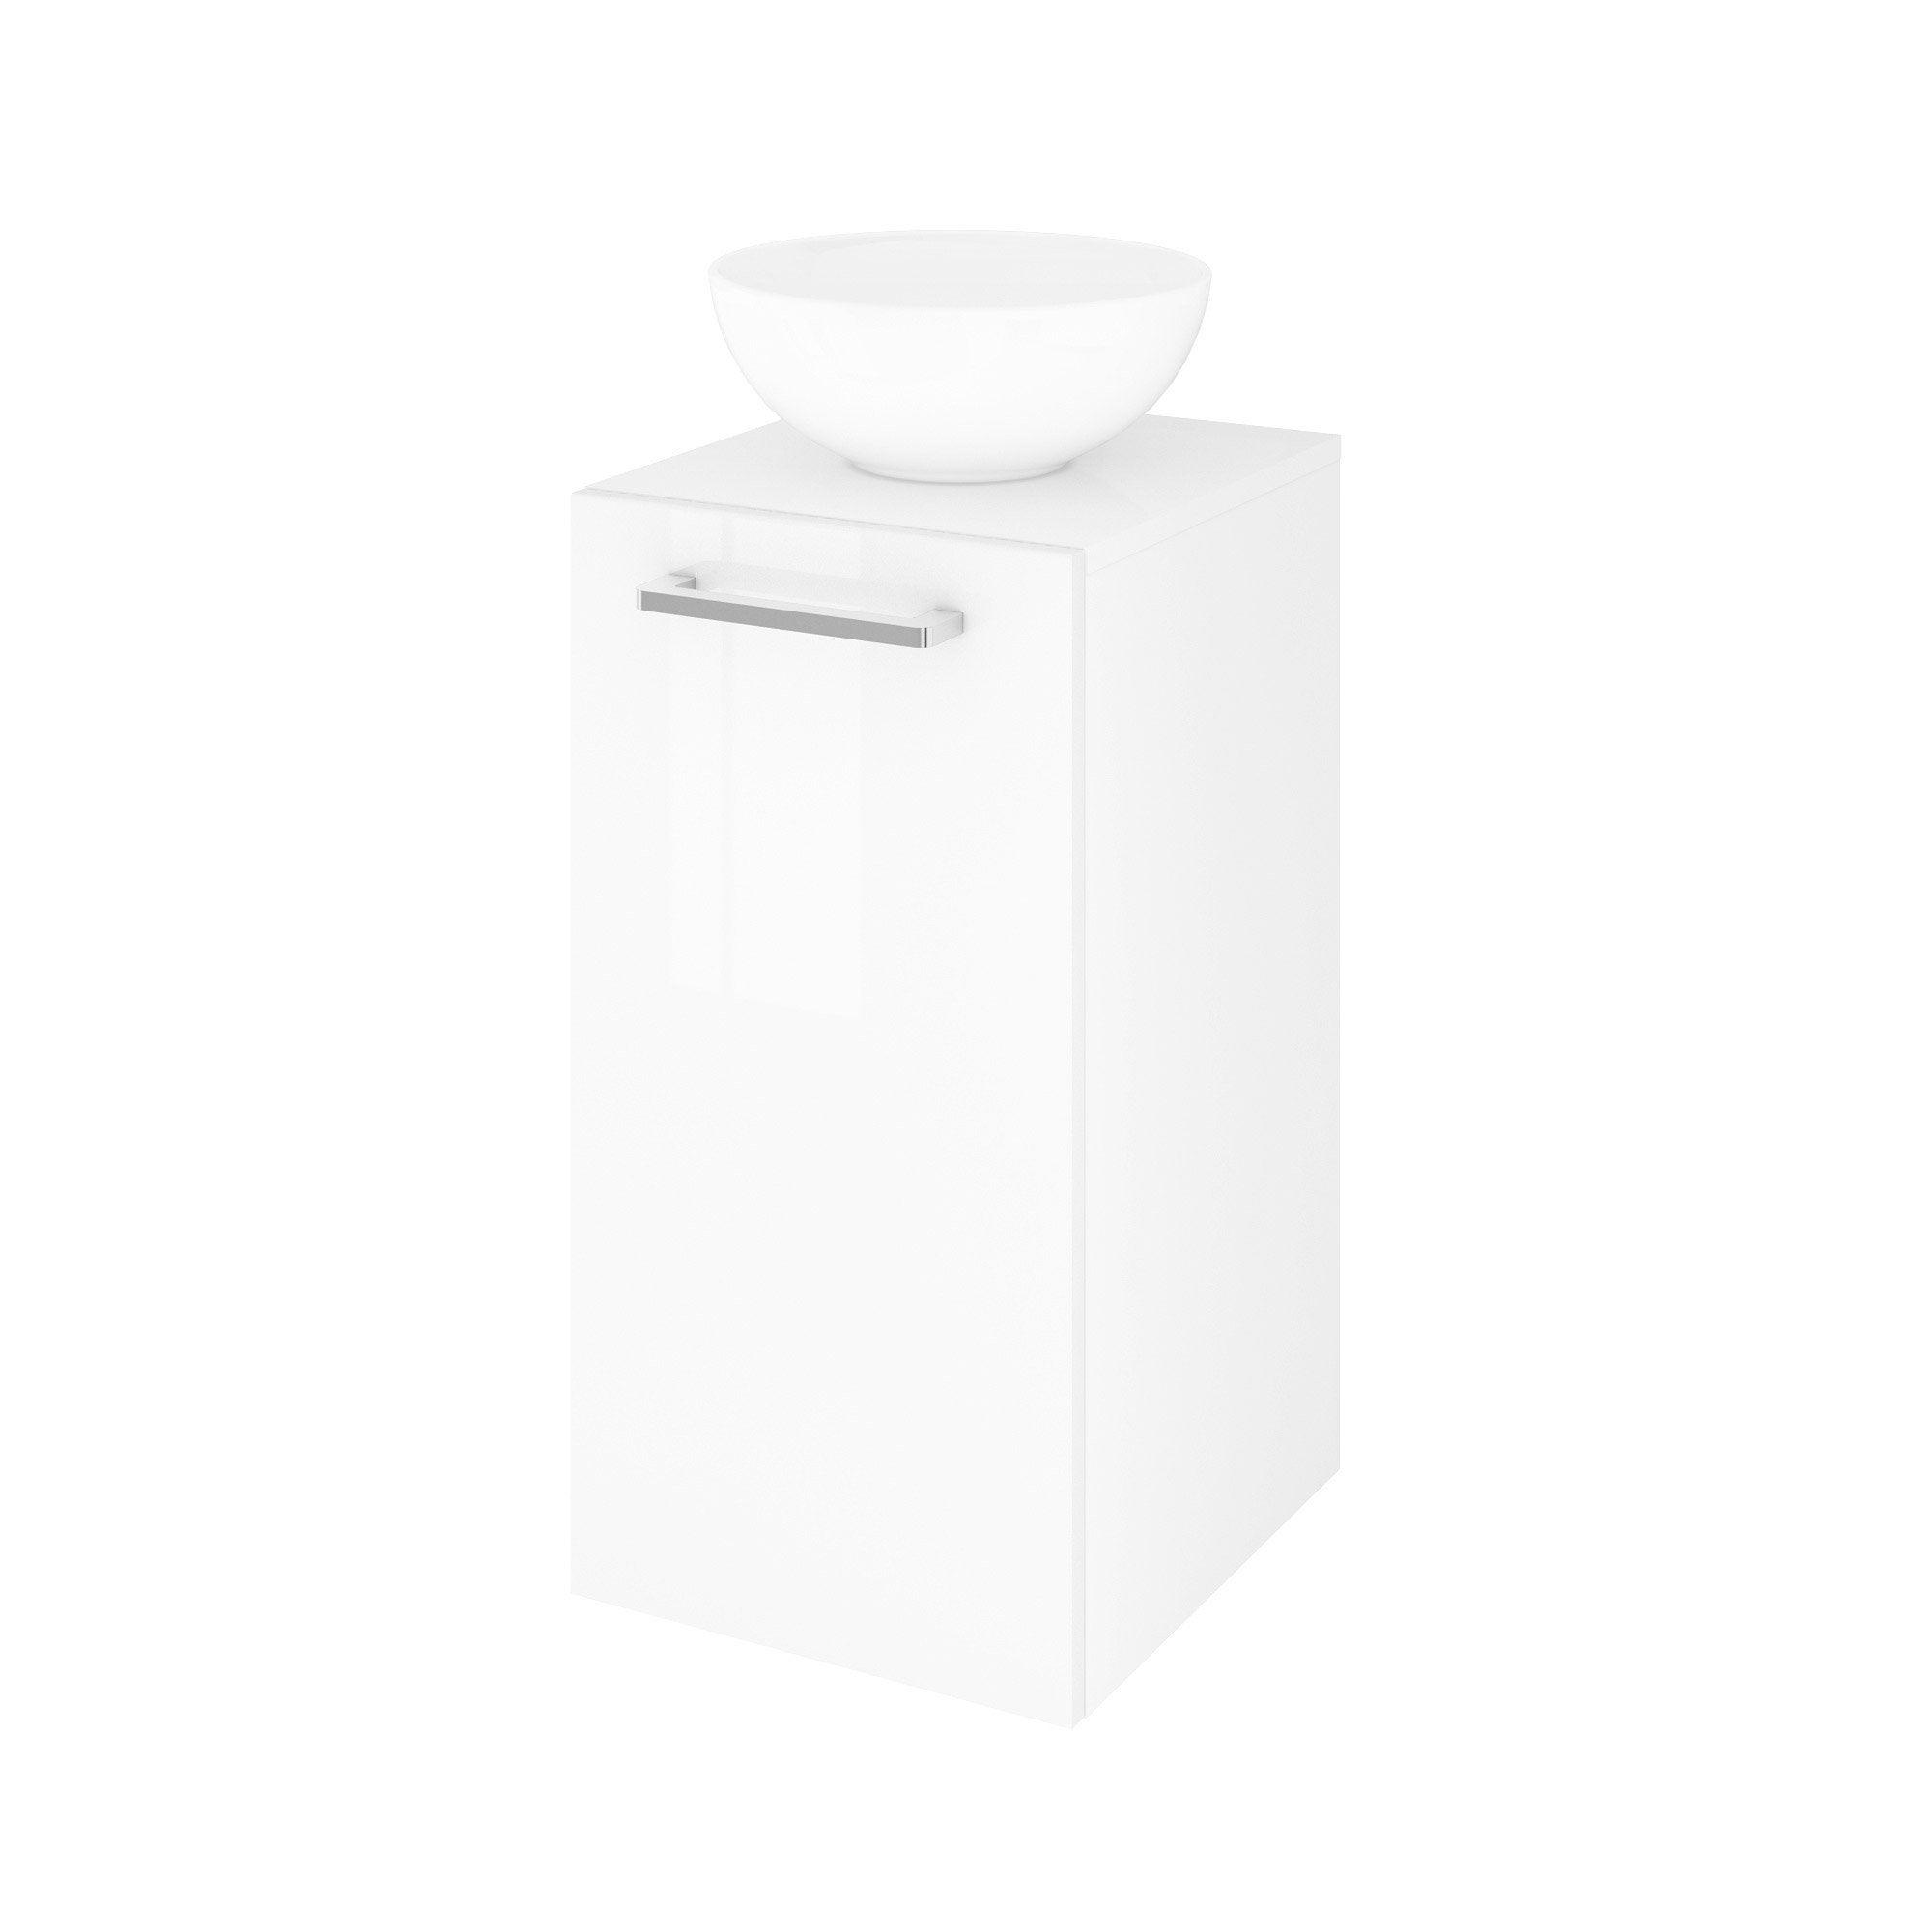 Meuble simple vasque à poser l.37 x H.70 x P.40 cm, blanc, Easy